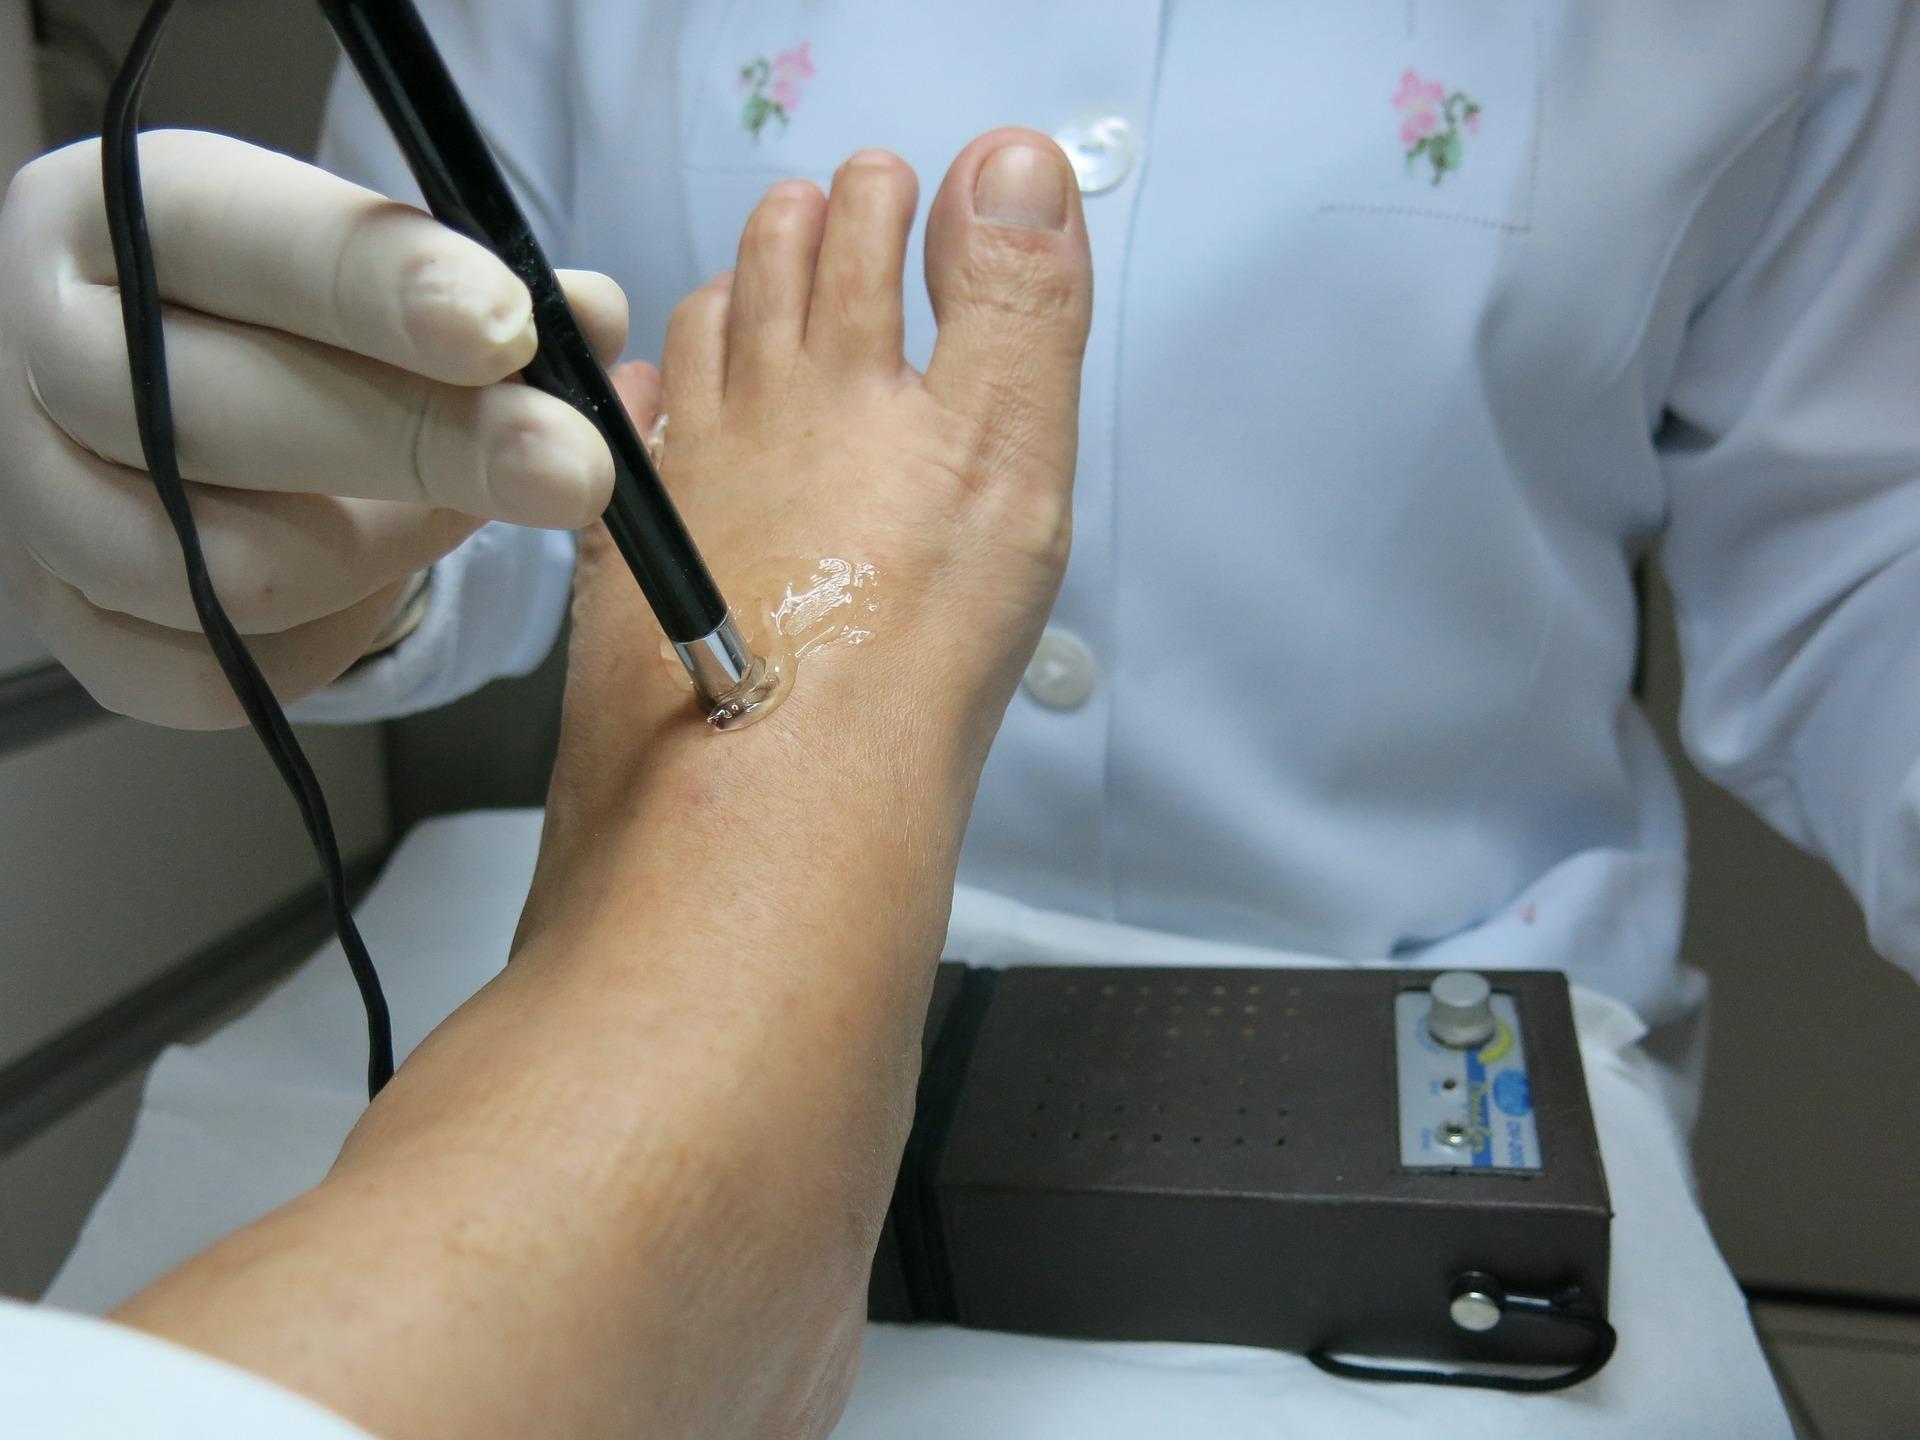 Podólogo cuidando de pé do cliente.